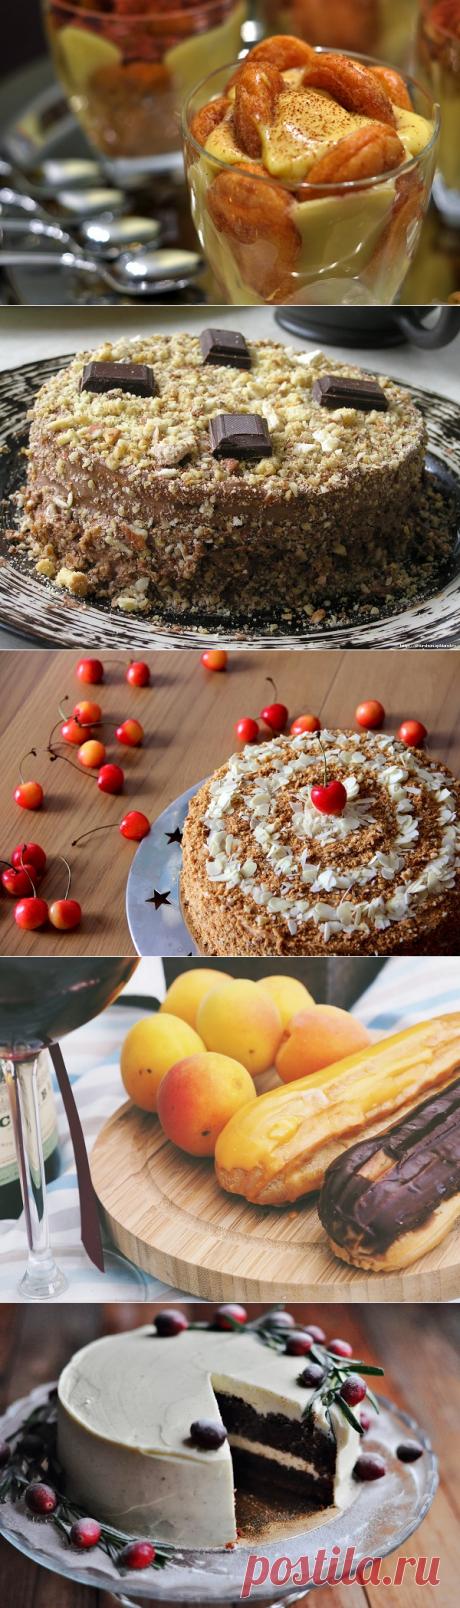 Лучшие кремы для тортов!